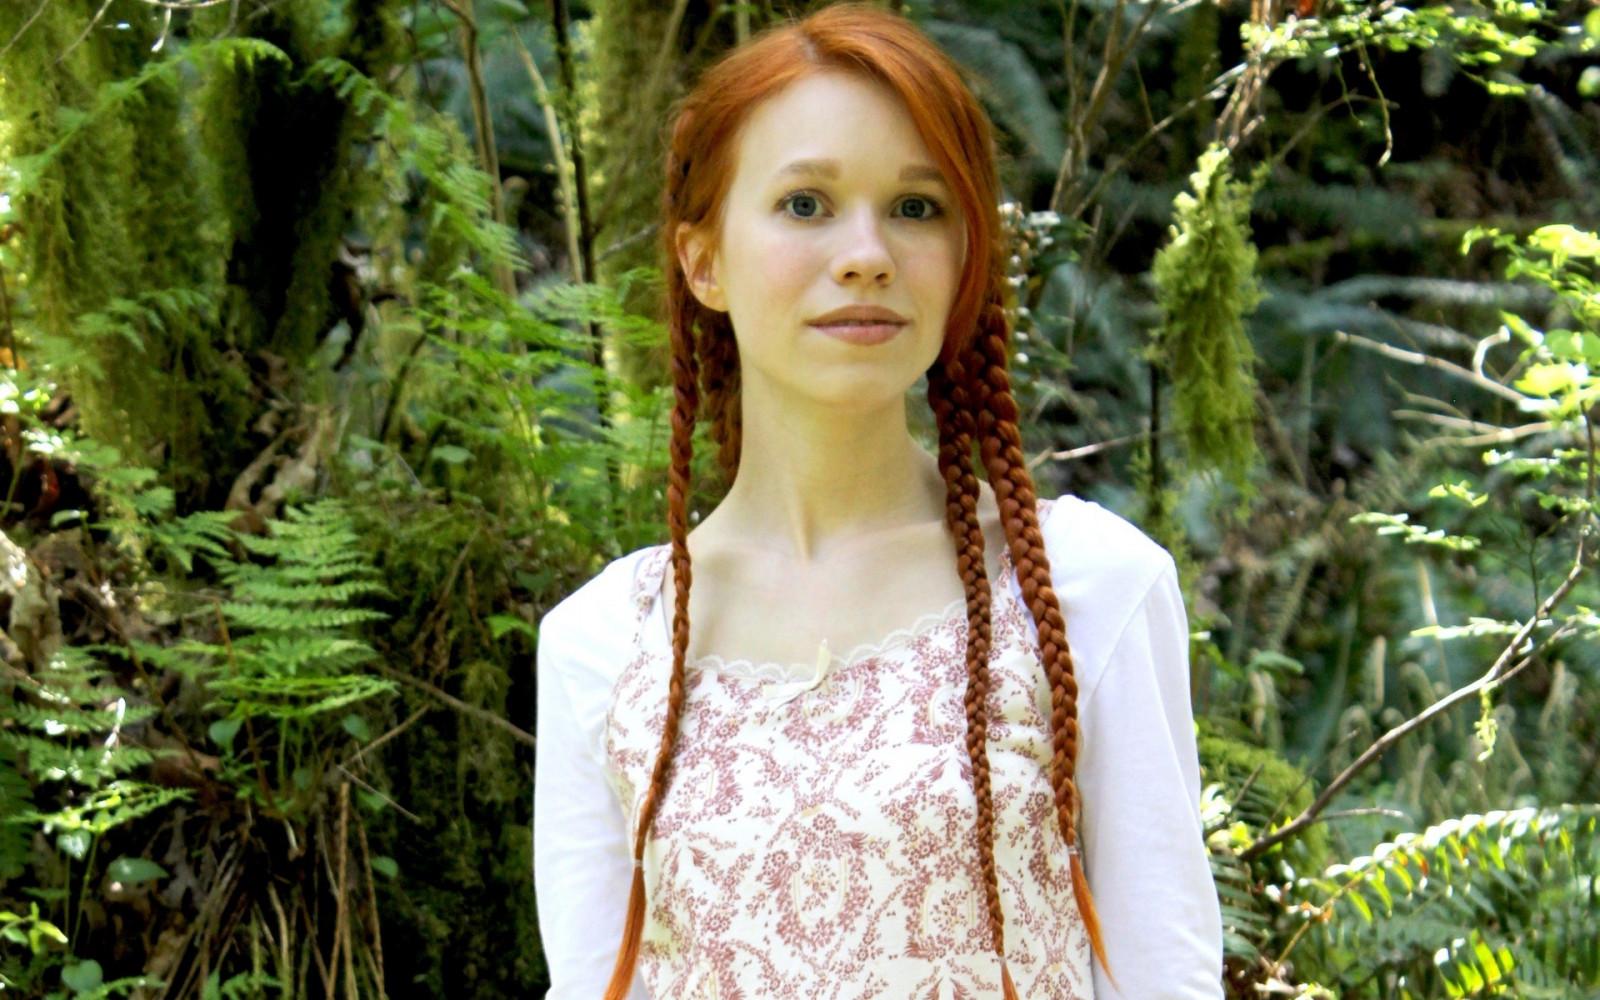 c0a6bb925768ad Wald Menschen Frau Rothaarige Modell- Kleid Zöpfe Mode Weiße Kleidung  Dschungel Frühling Person Regenwald DollyLittle